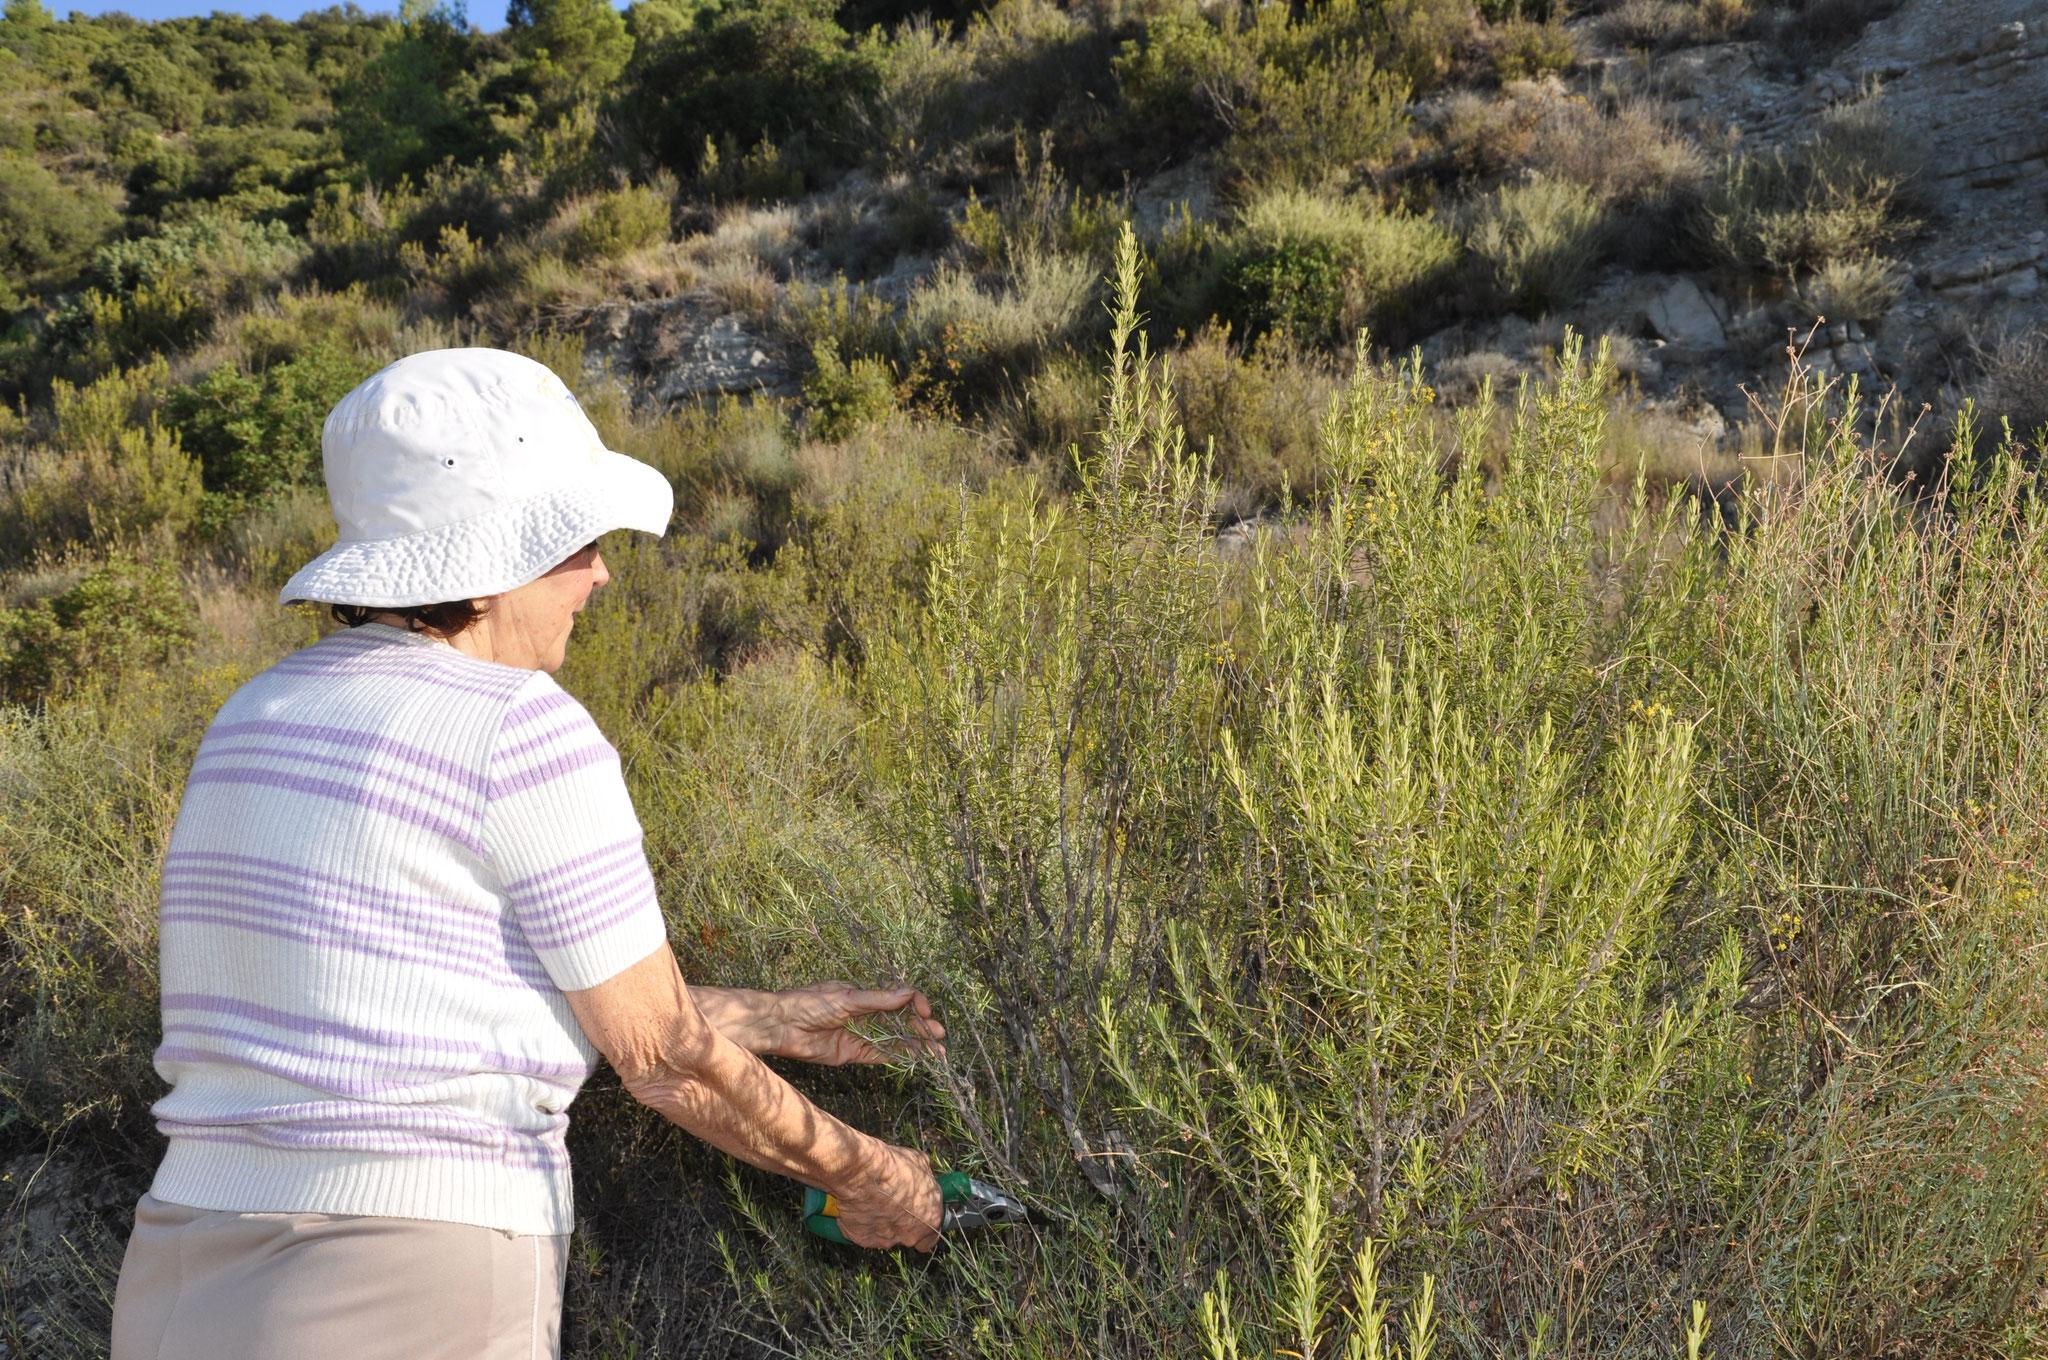 1º- Cueillette soignée et raisonnée, pour une gestion durable de la garrigue.